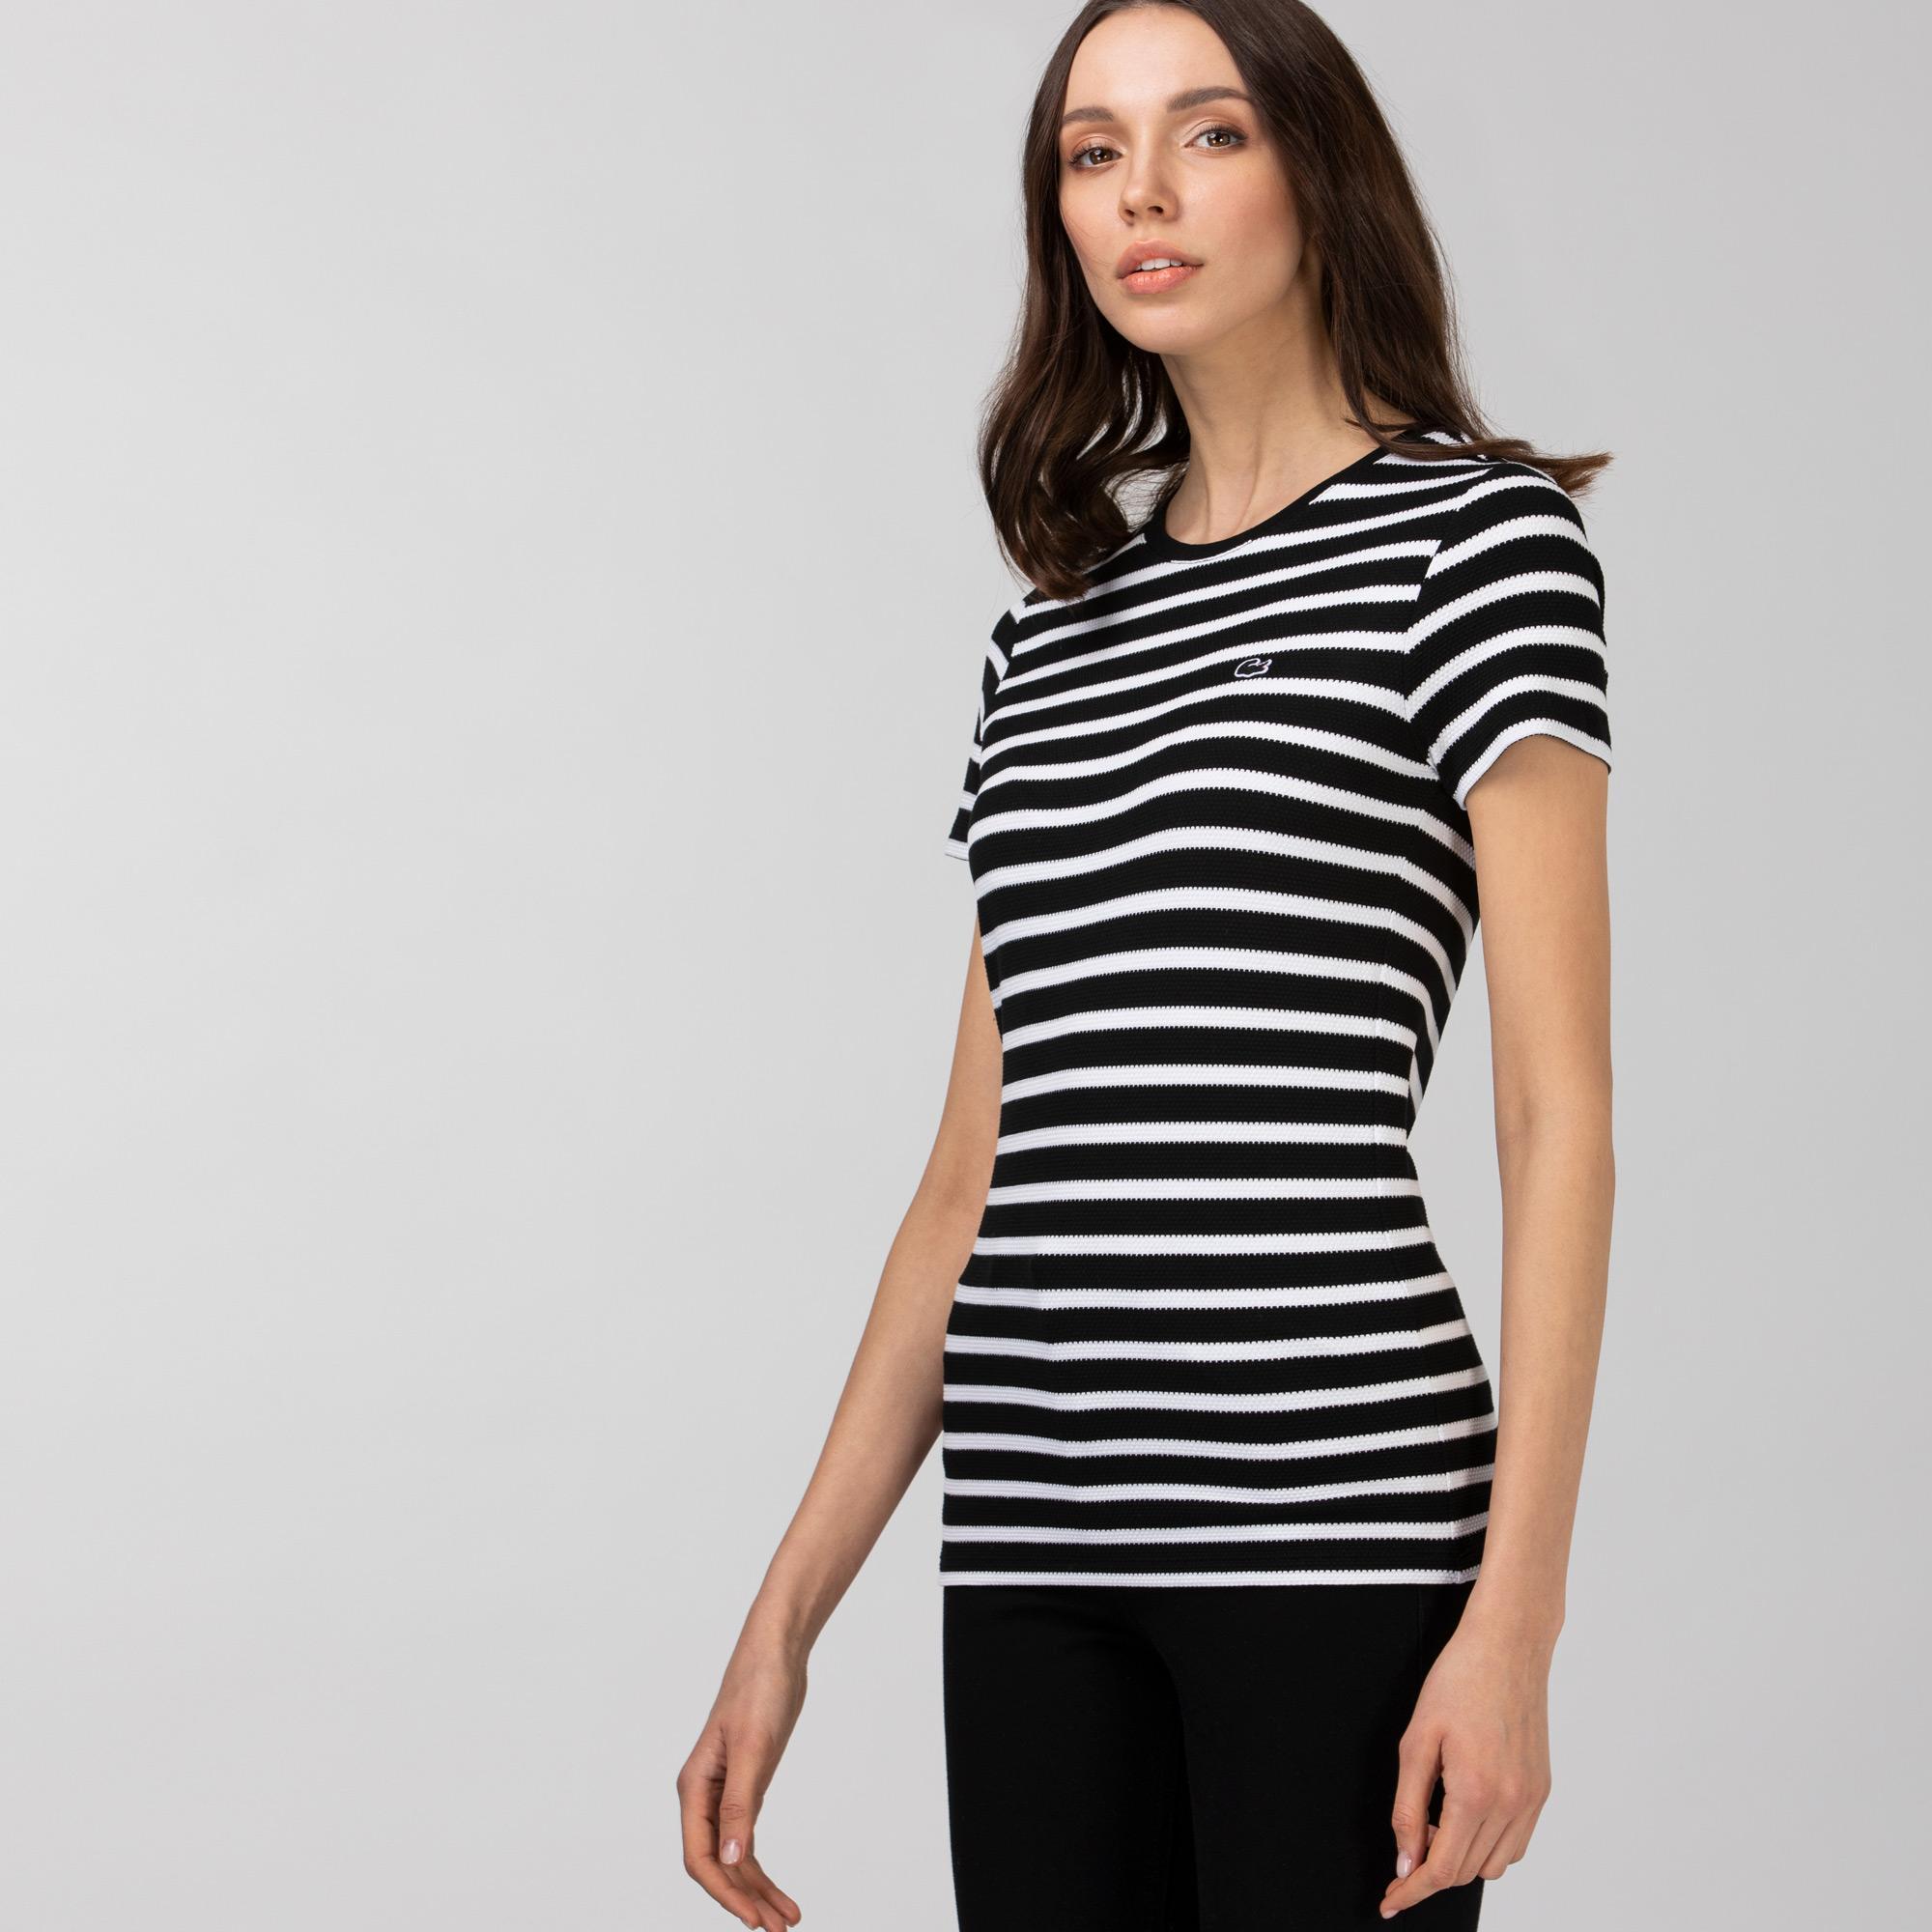 Lacoste Kadın Bisiklet Yaka Çizgili Siyah - Beyaz T-Shirt